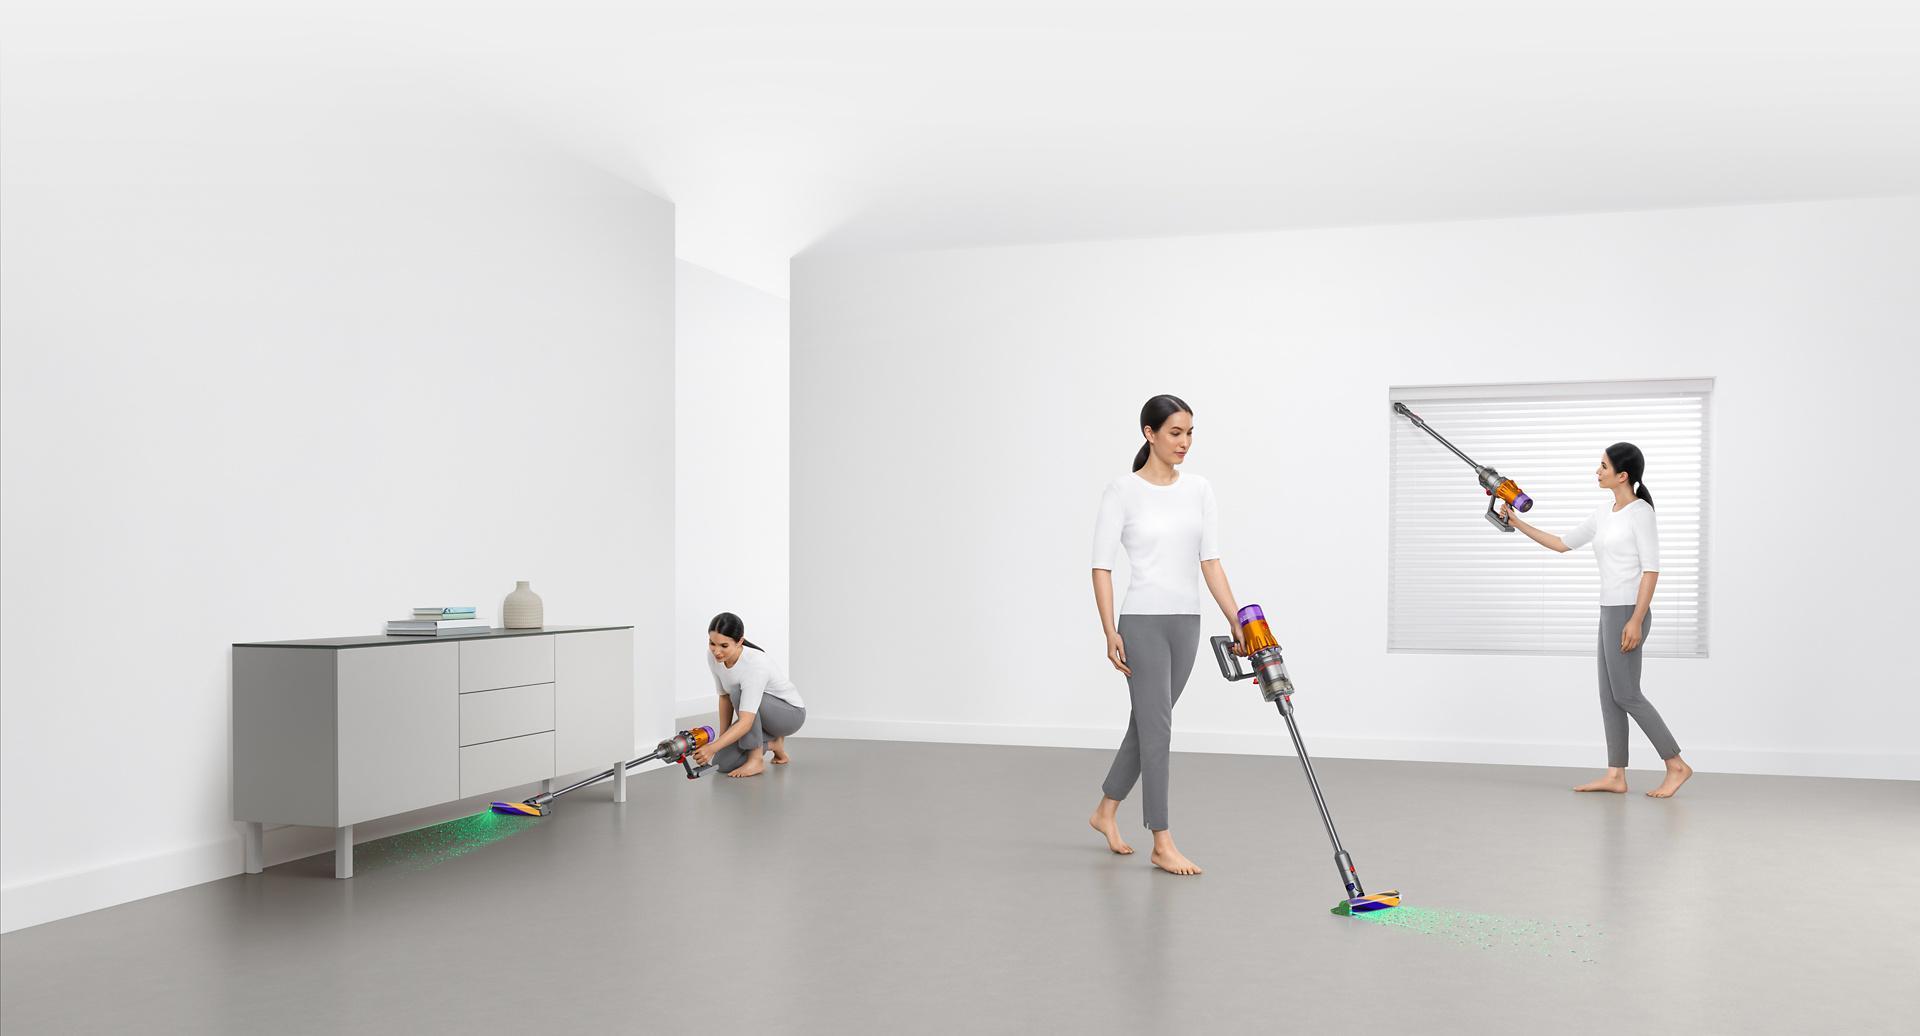 Người phụ nữ đang dọn dẹp ở nhiều nơi quanh nhà